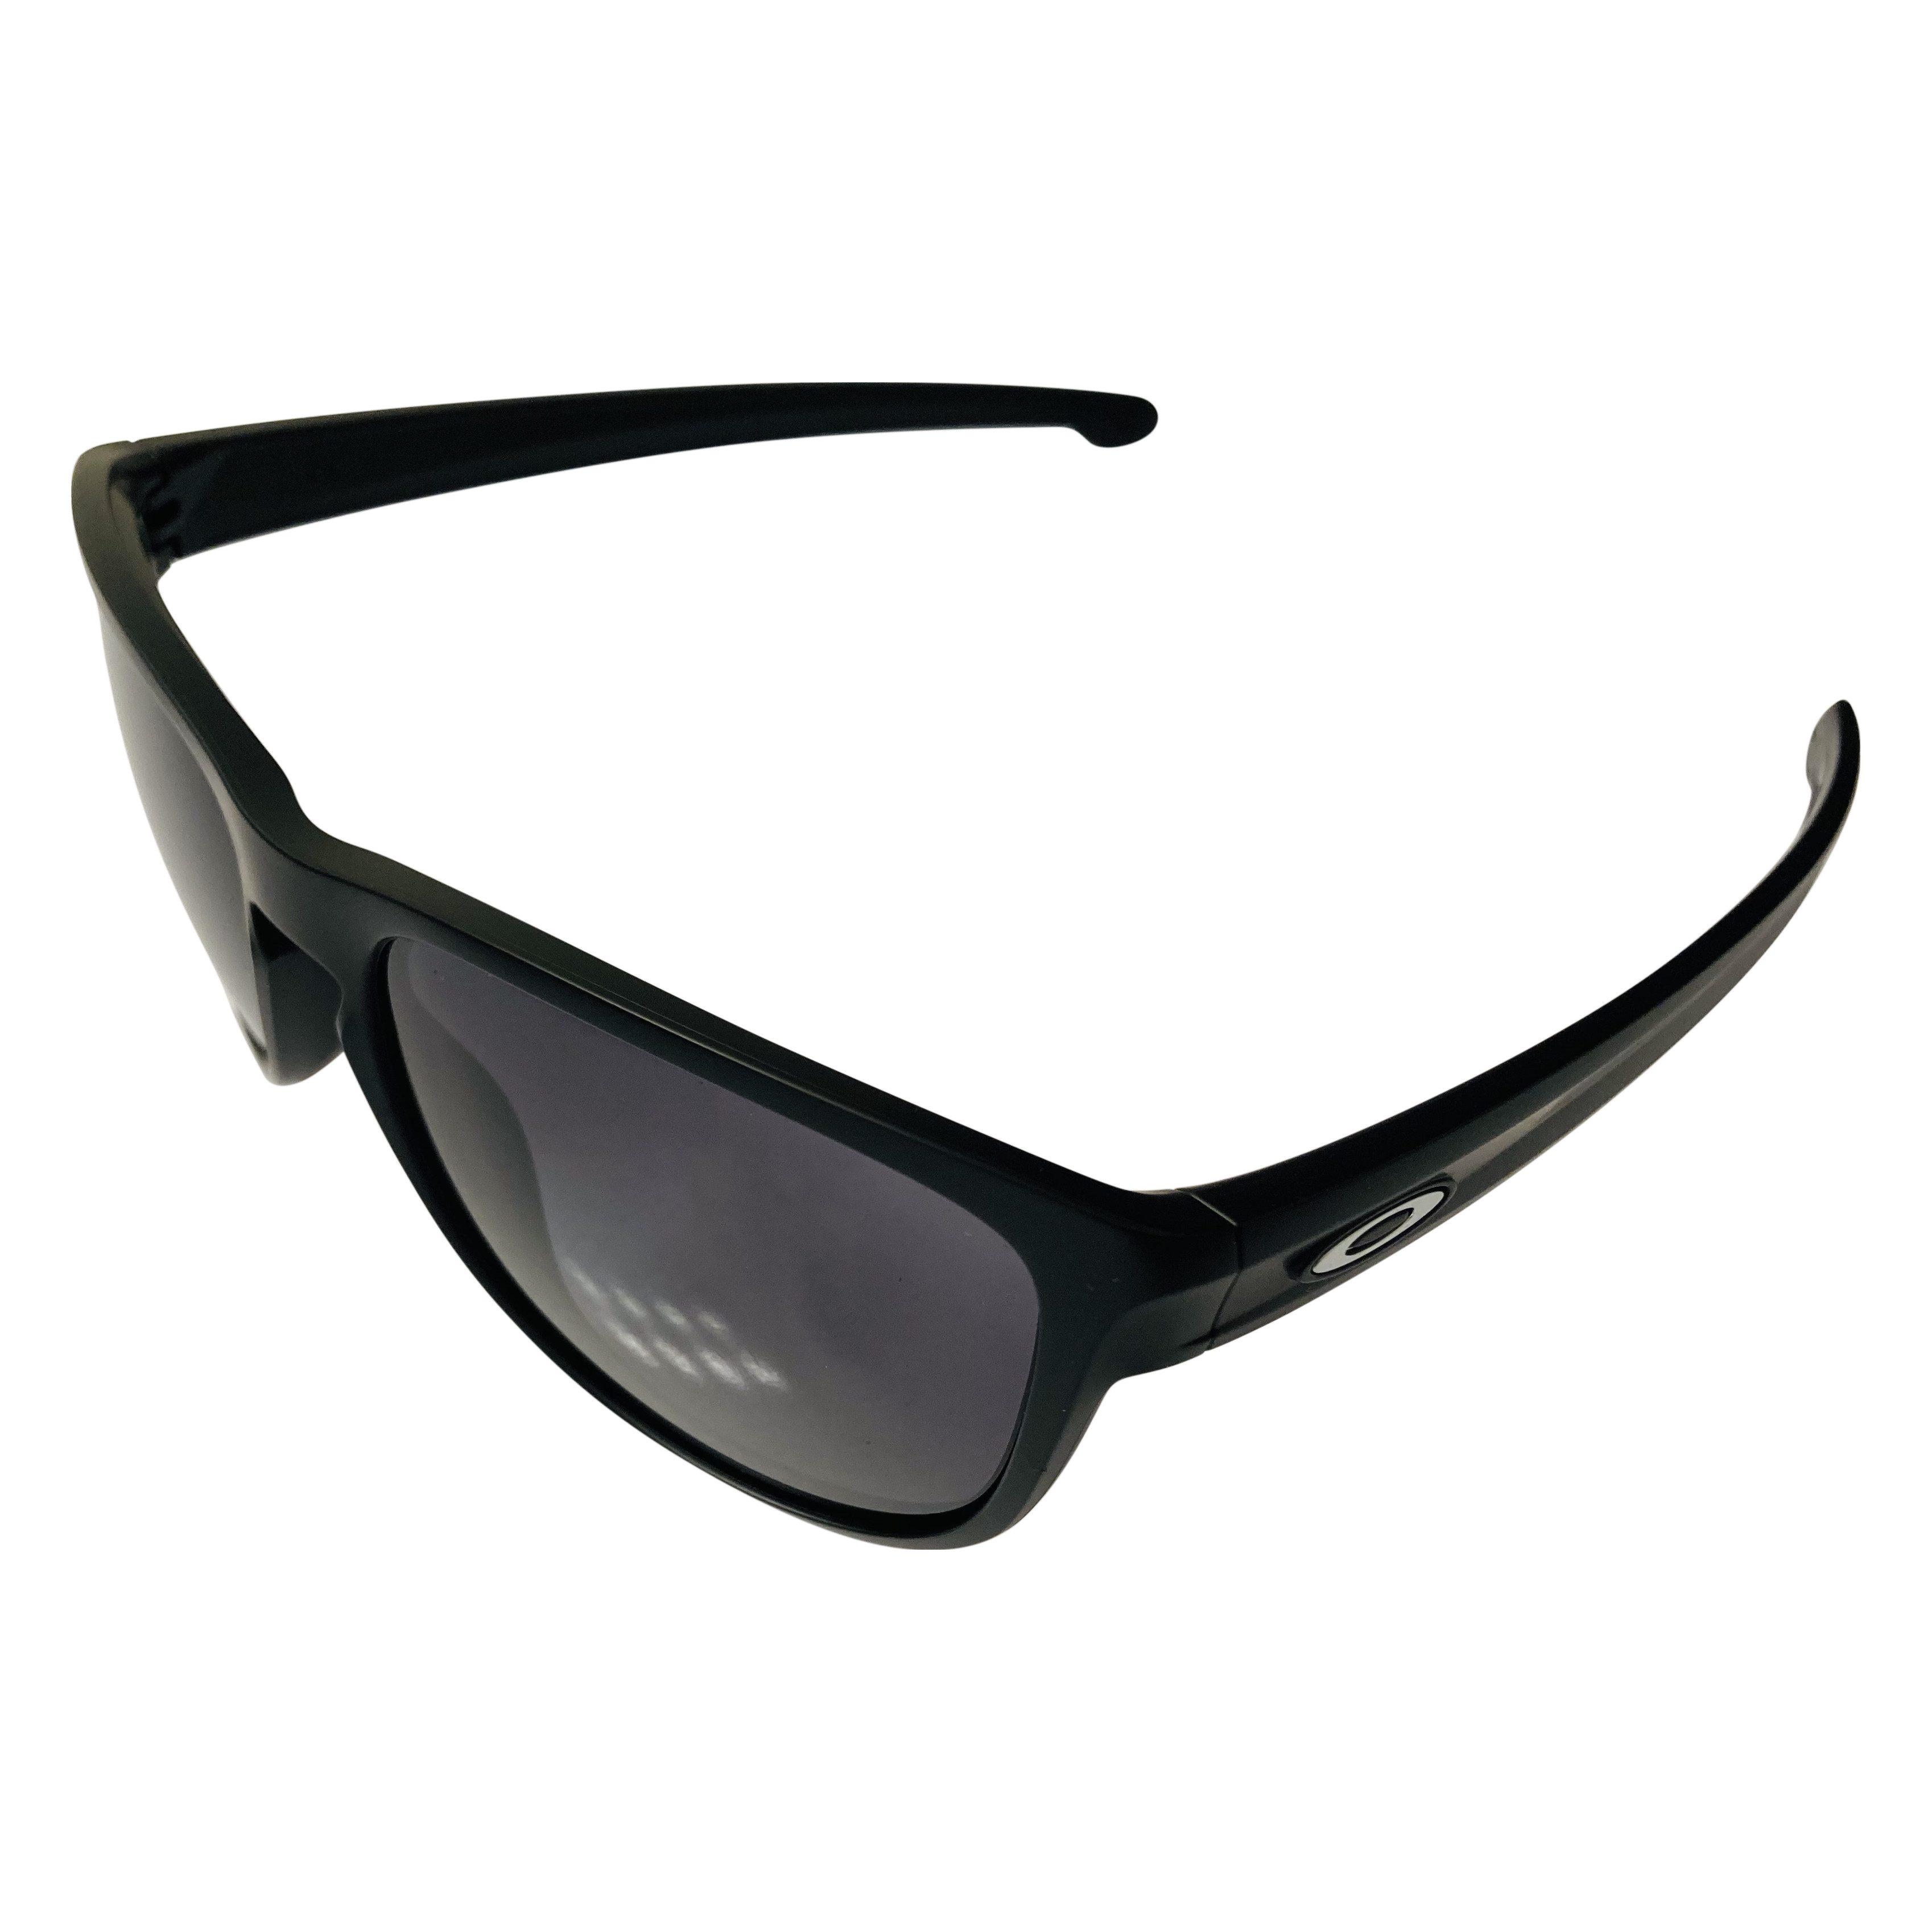 Oakley Sliver R Sunglasses - Matte Black Frame - Grey OO9342-01